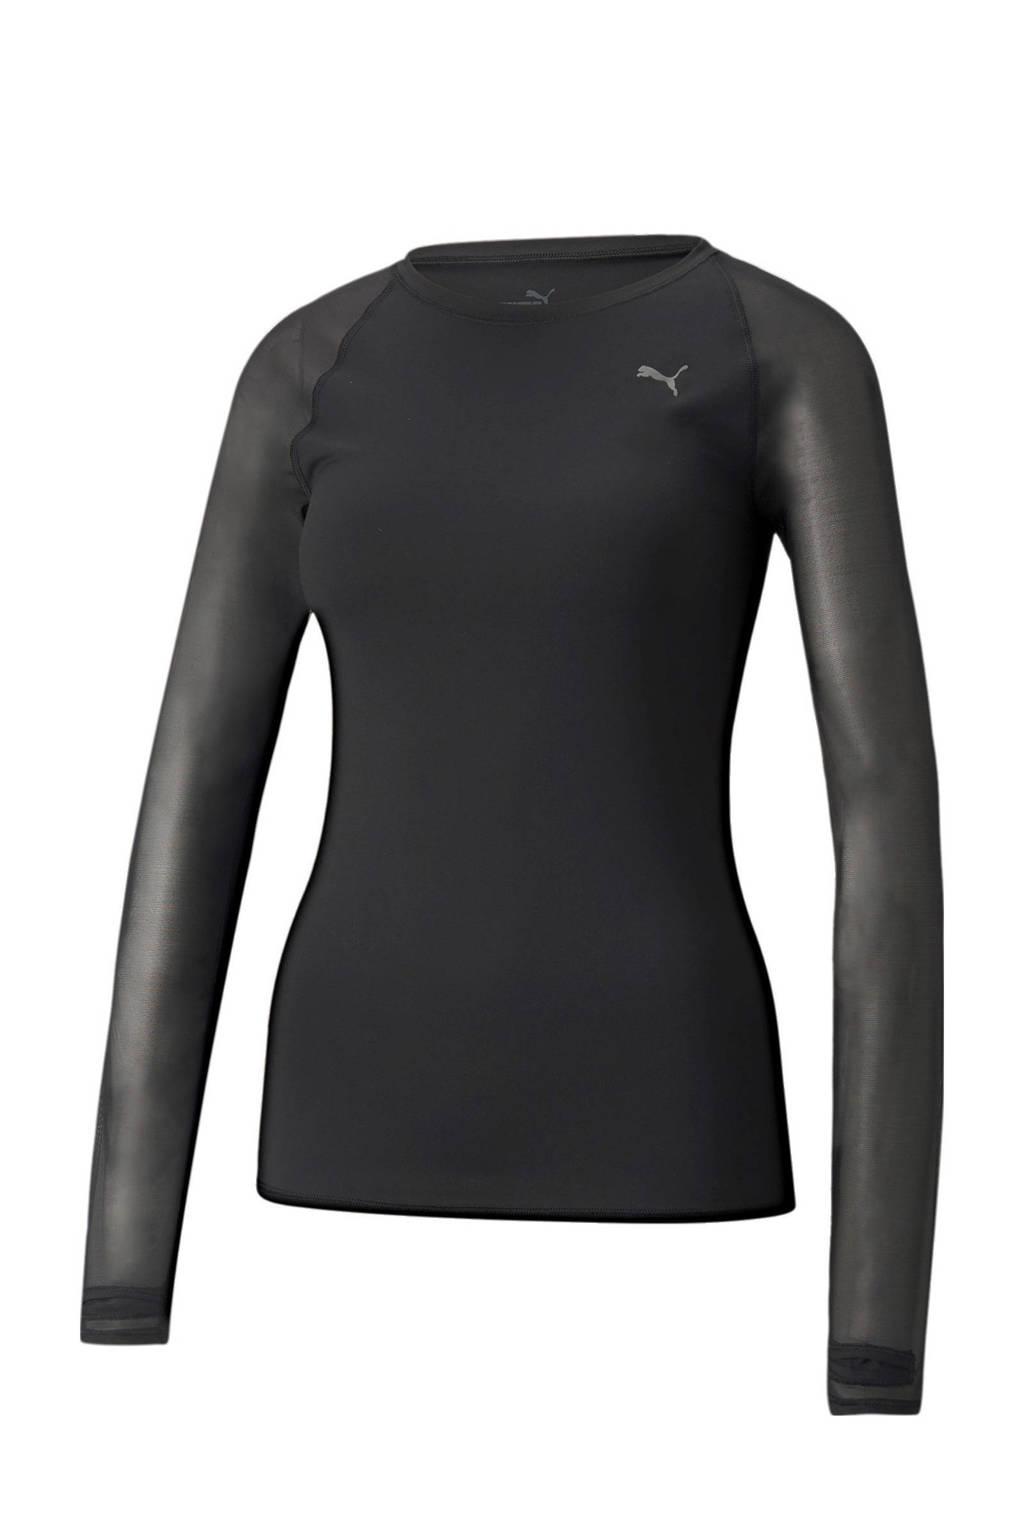 Puma sport T-shirt zwart, Zwart